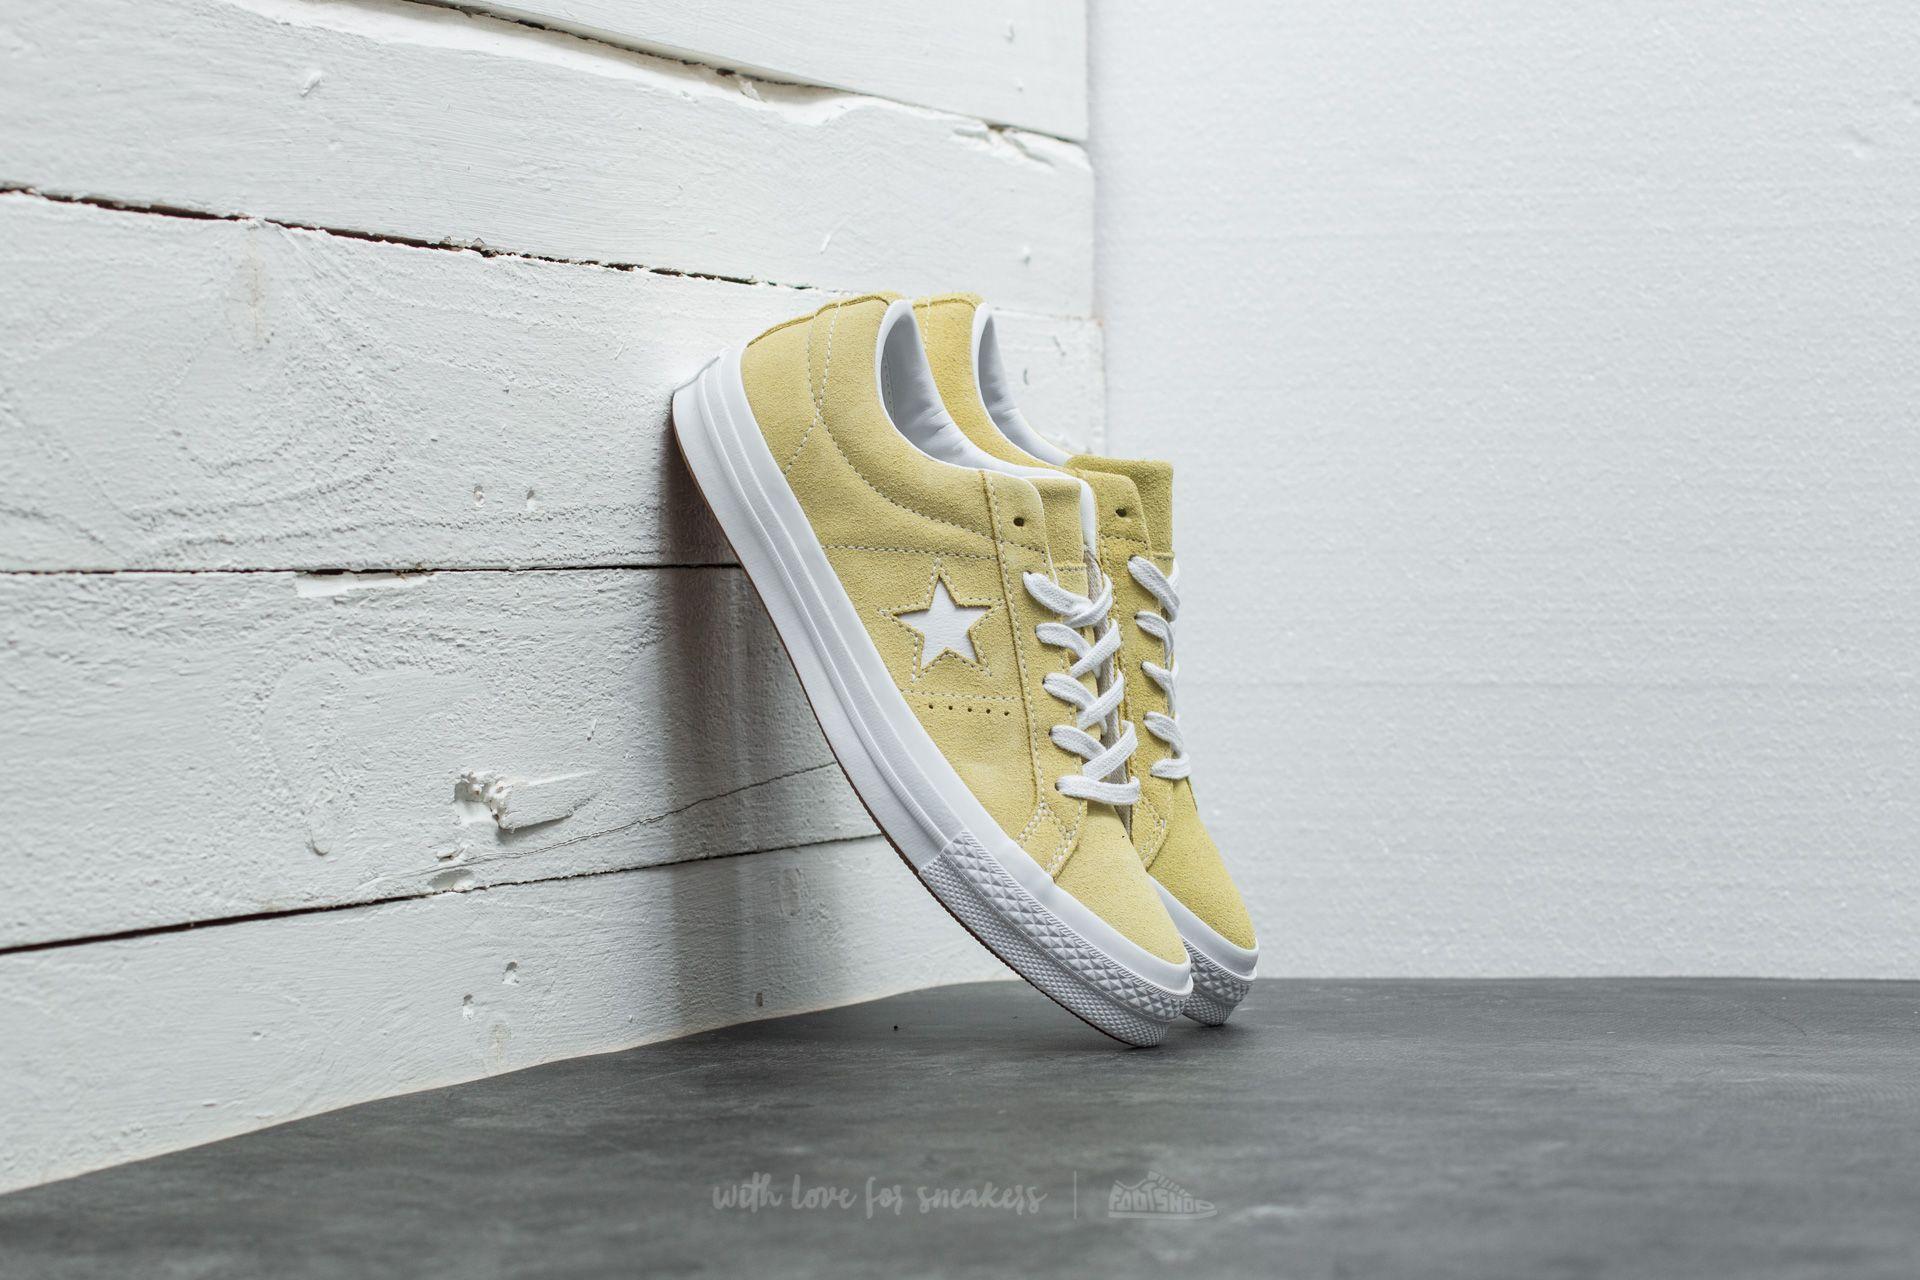 bcf35fb0721 Converse One Star OX Lemon Haze  White  White